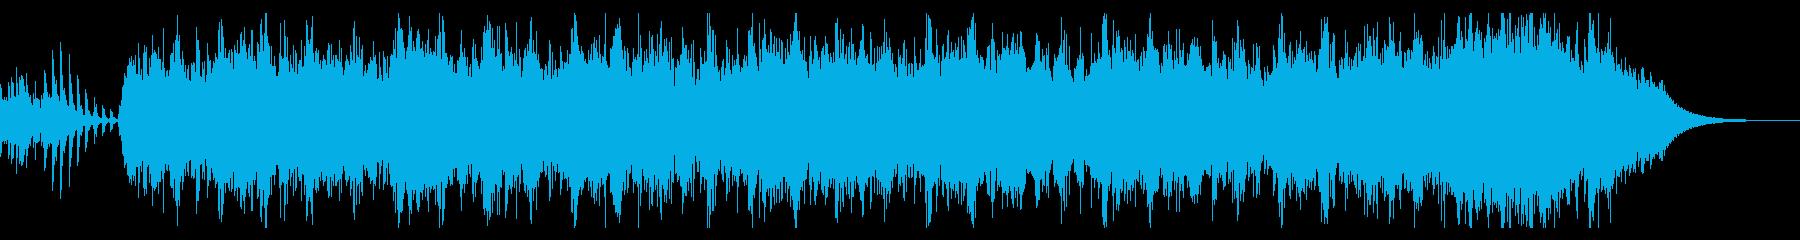 アブストラクトなダークアンビエントの再生済みの波形